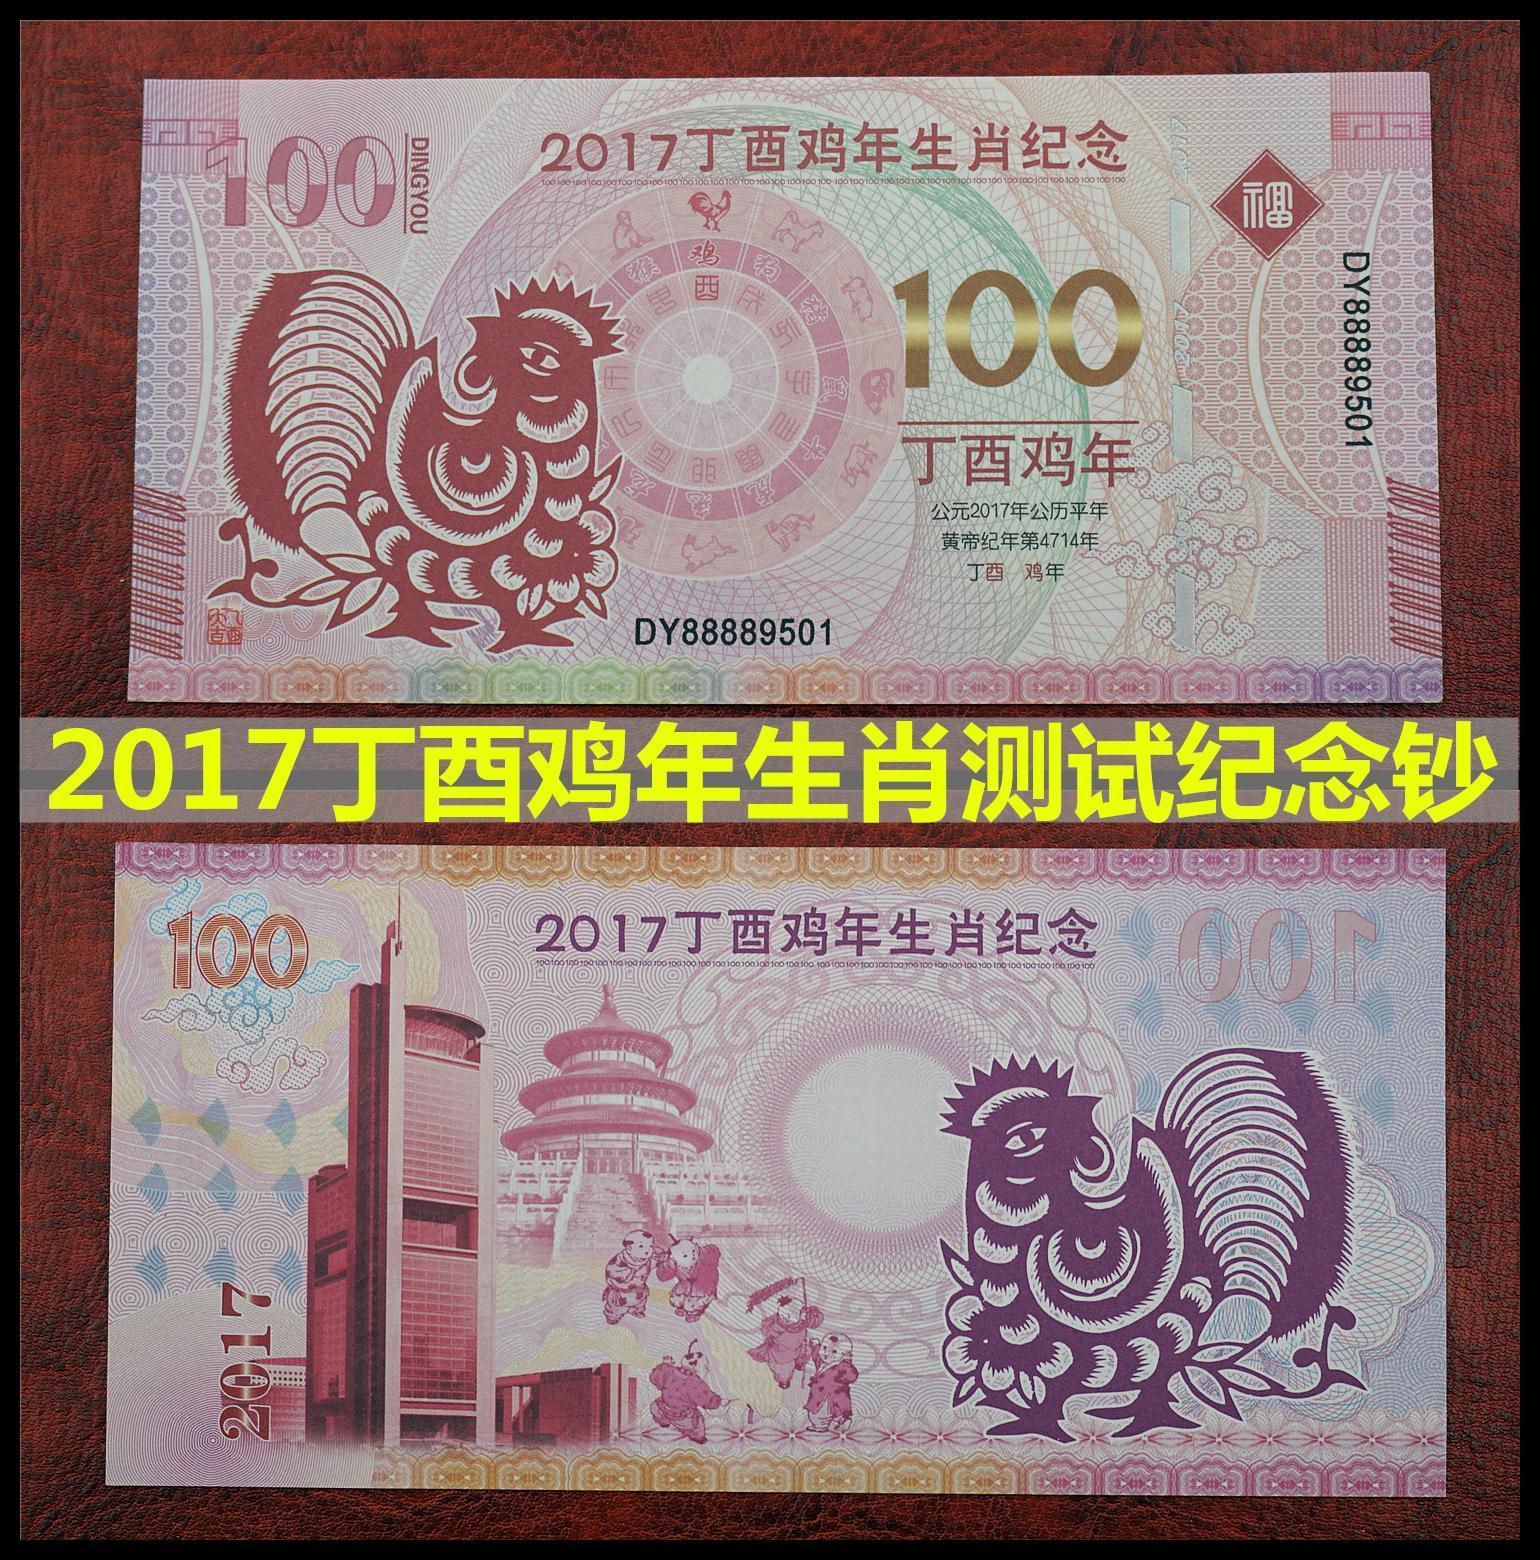 2017年丁酉鸡年纪念钞